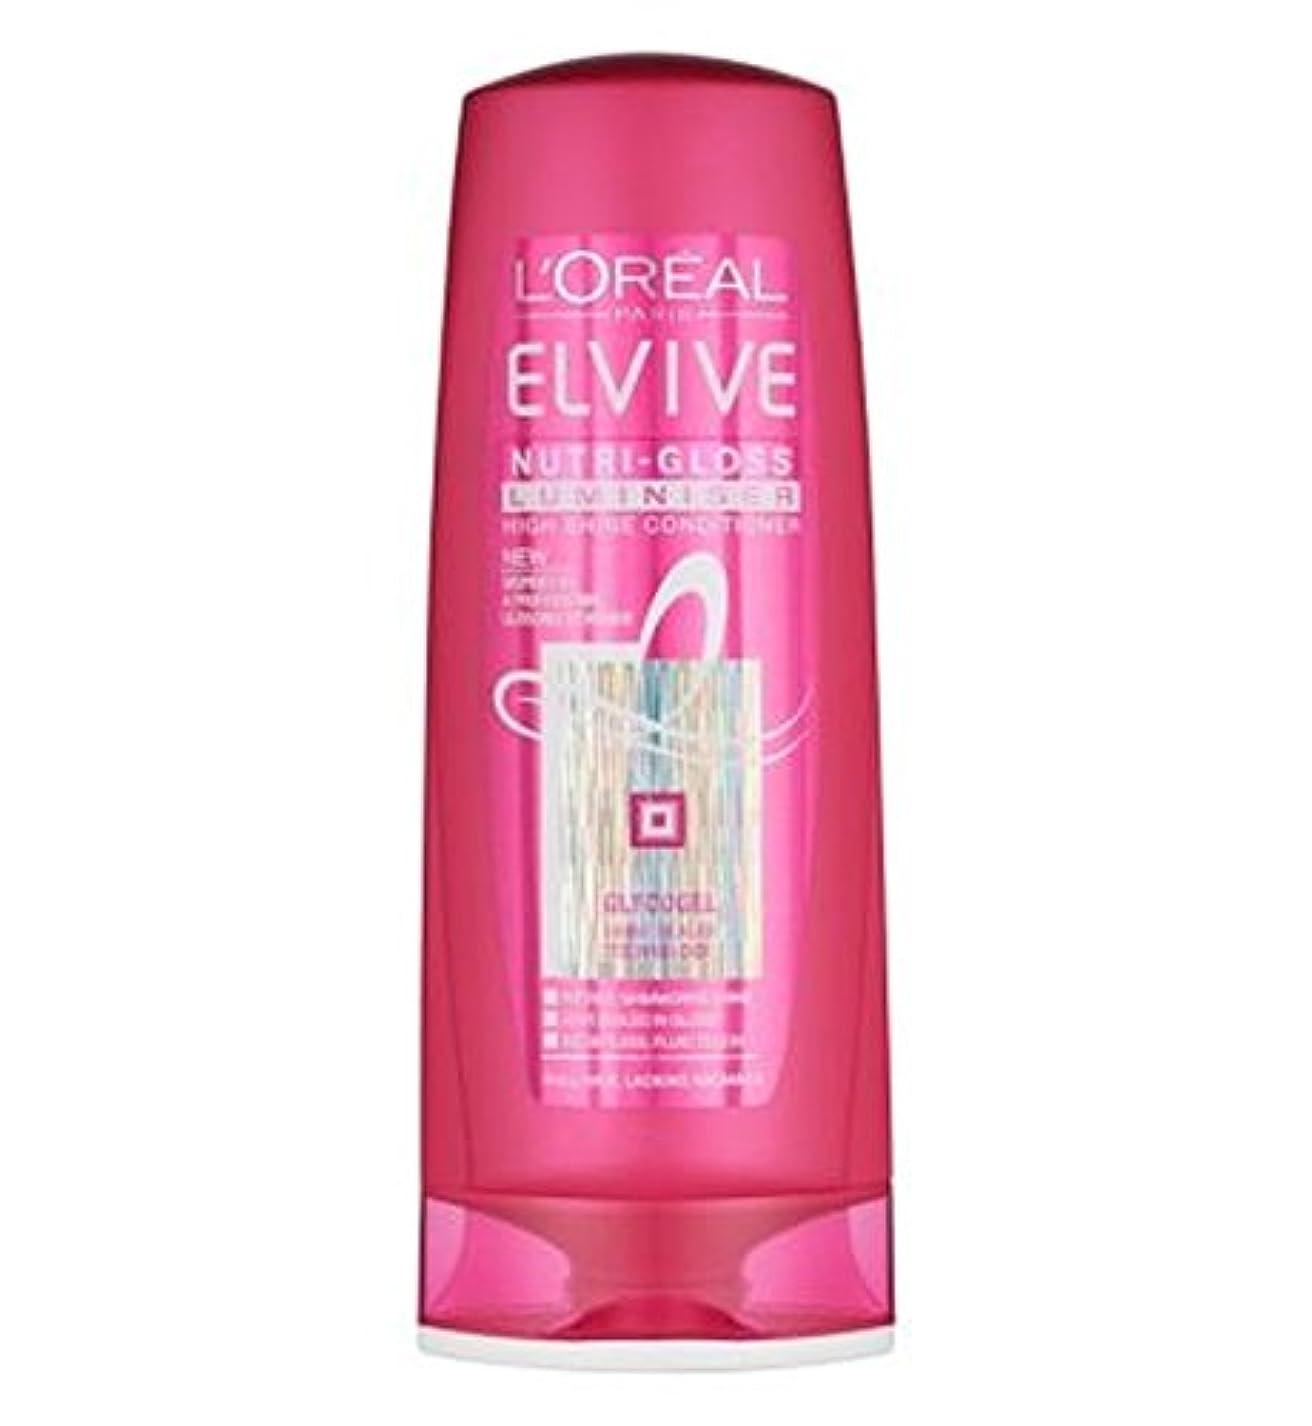 受信避ける麺ロレアルElviveニュートリグロスLuminiserコンディショナー400ミリリットル (L'Oreal) (x2) - L'Oreal Elvive Nutri-Gloss Luminiser Conditioner...